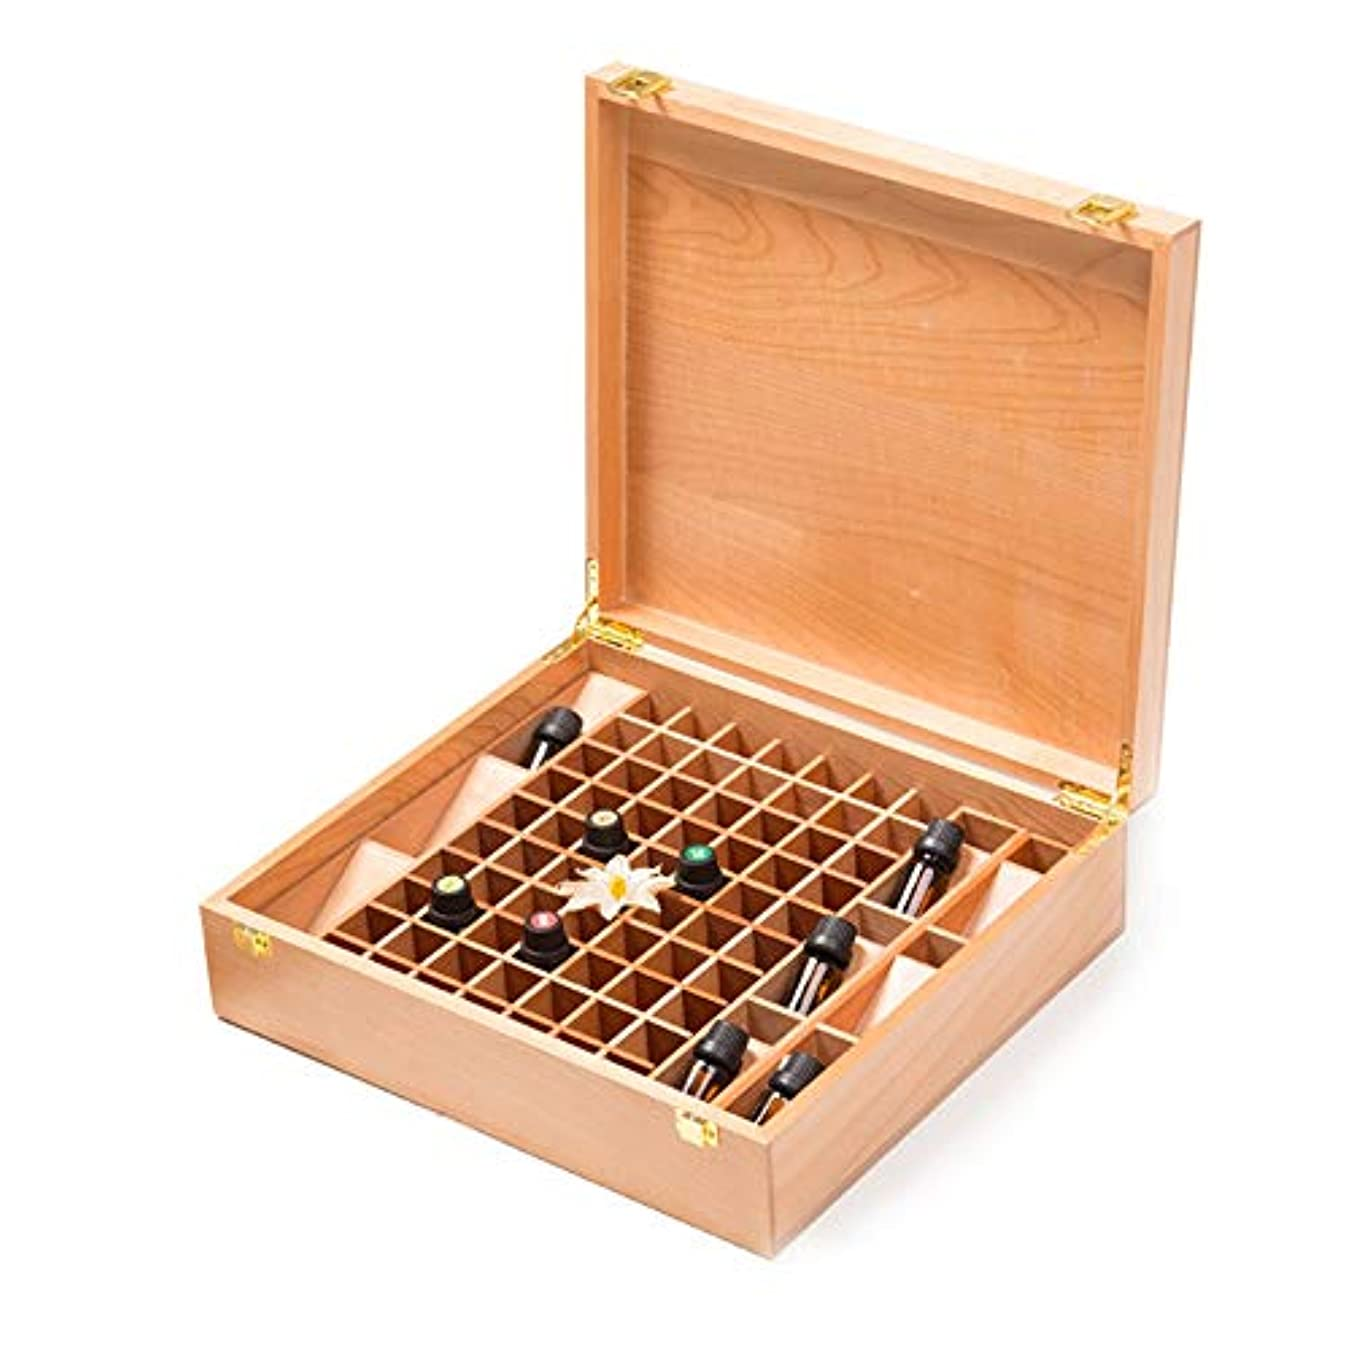 のスコア品肺炎エッセンシャルオイルストレージボックス 手作りの木製エッセンシャルオイルストレージボックスパーフェクトエッセンシャルオイルのケースは、70本の油のボトルを保持します 旅行およびプレゼンテーション用 (色 : Natural...